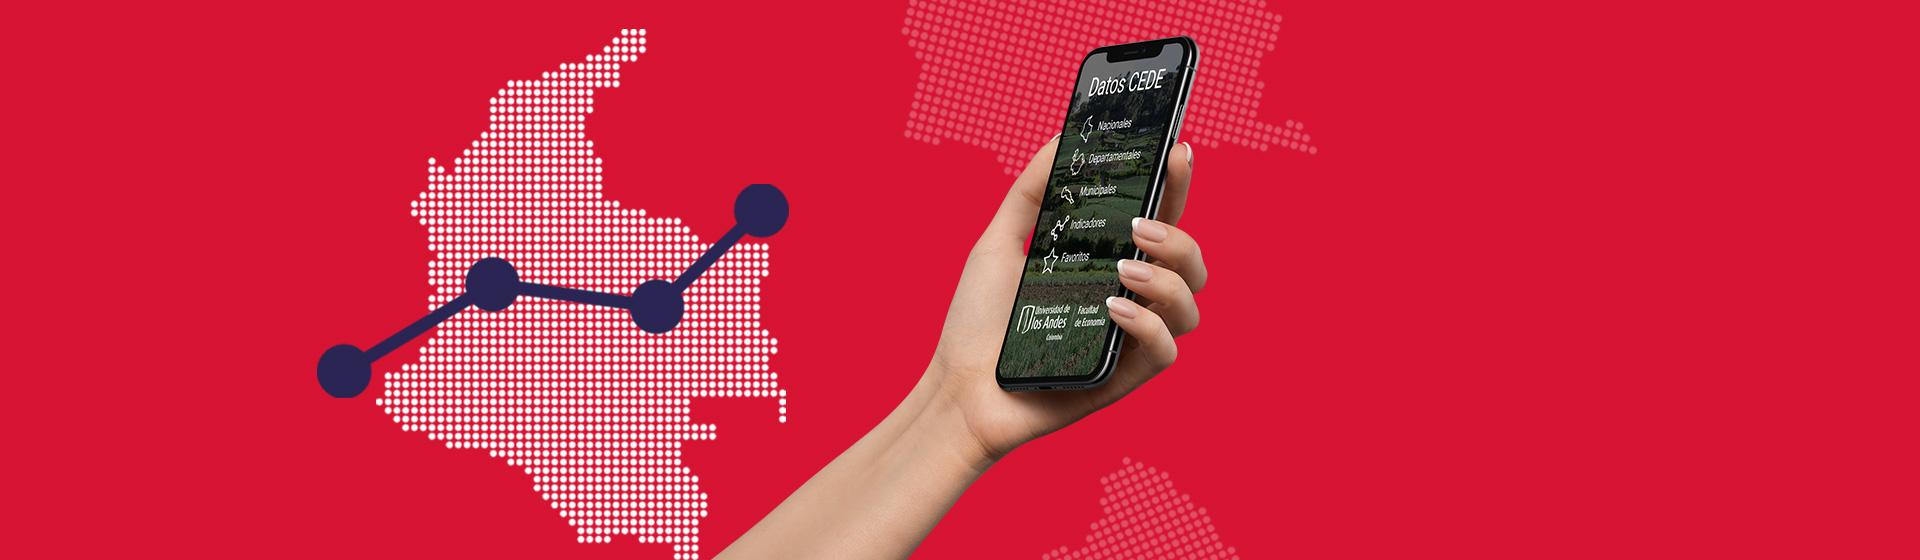 Gráfica de un mapa de Colombia y una mano que sostiene un celular